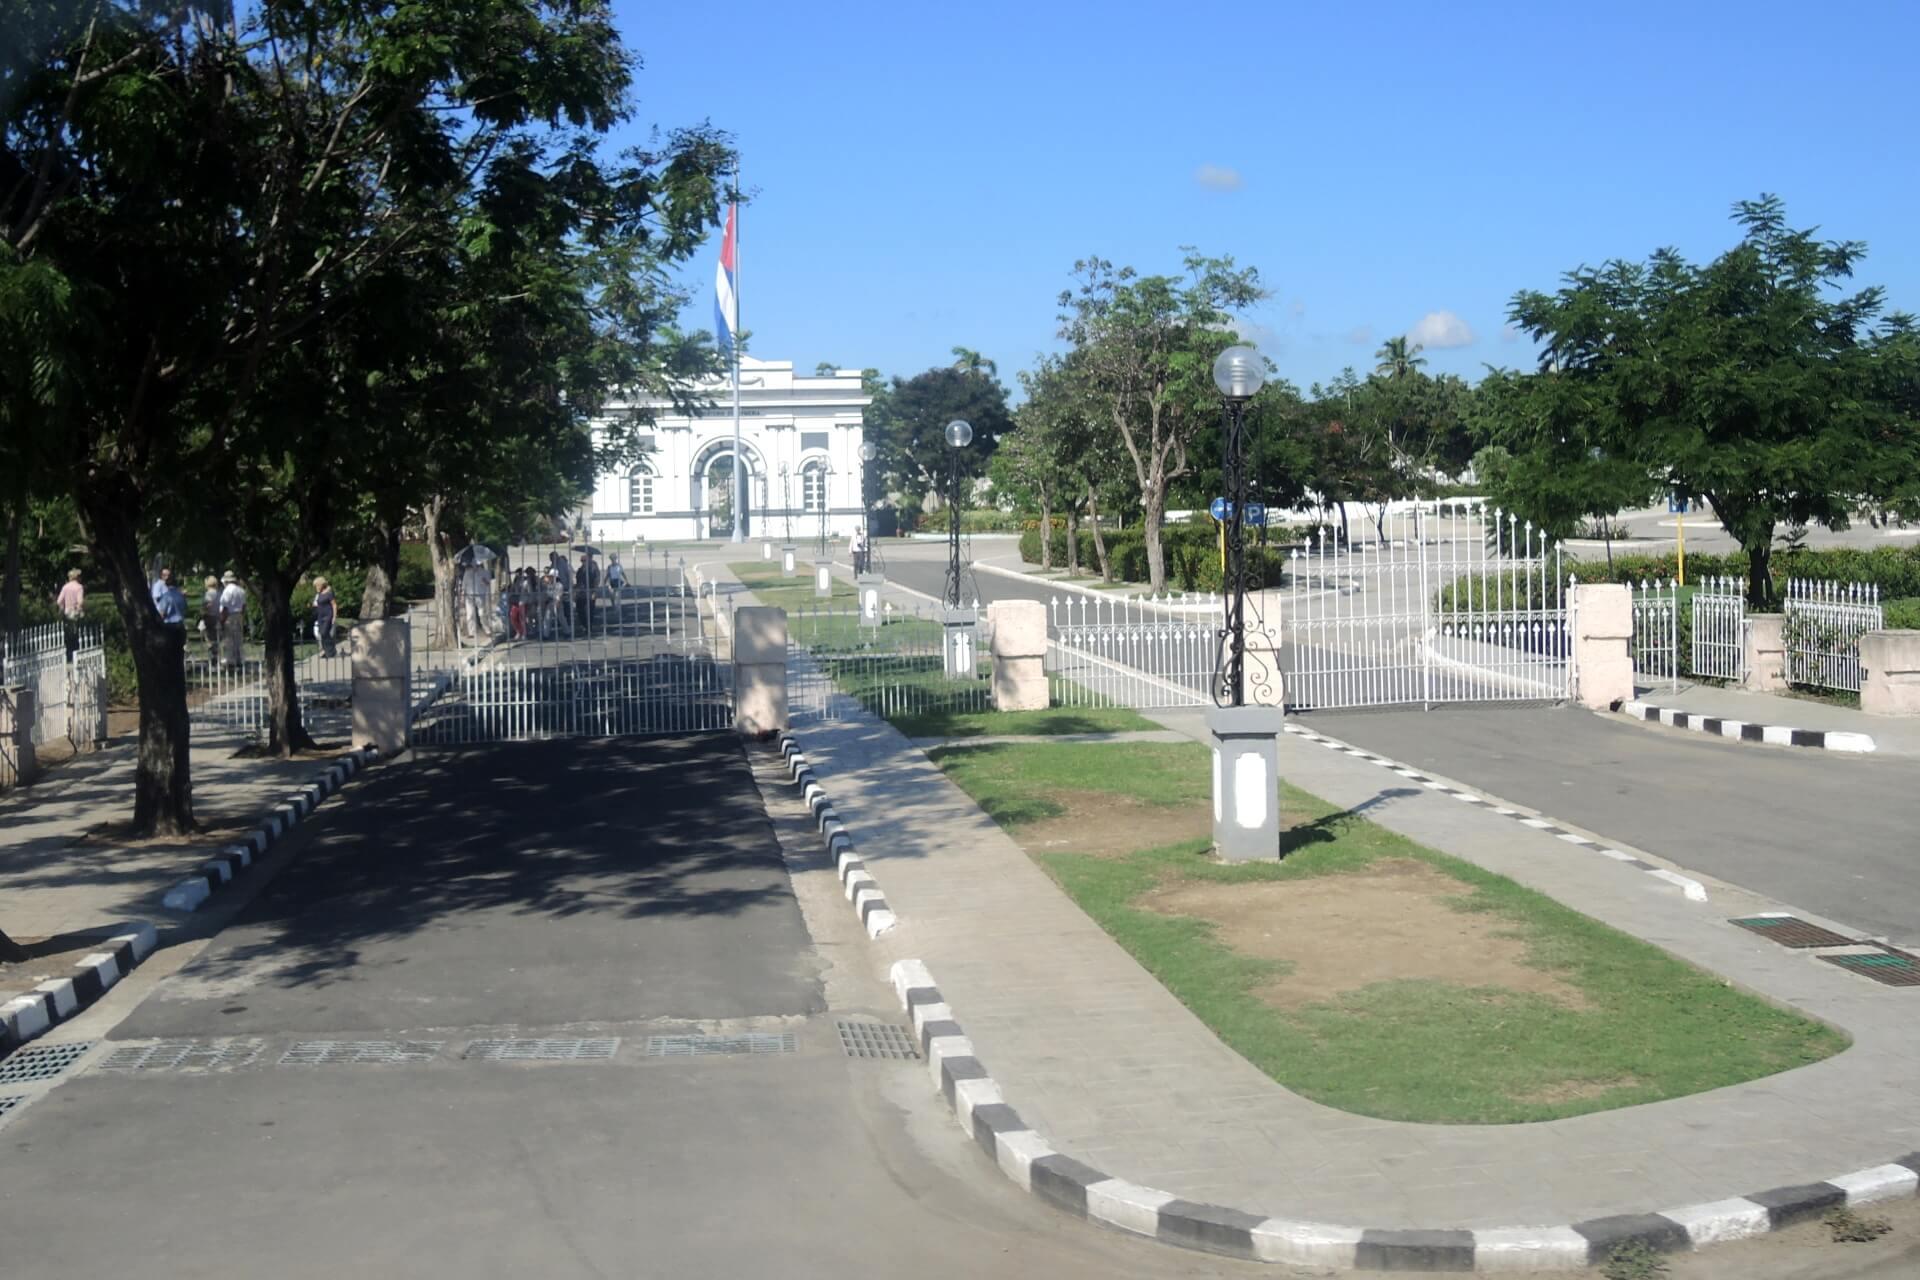 Kuba die besten Sehenswürdigkeiten - Cementerio Santa Ifigenia